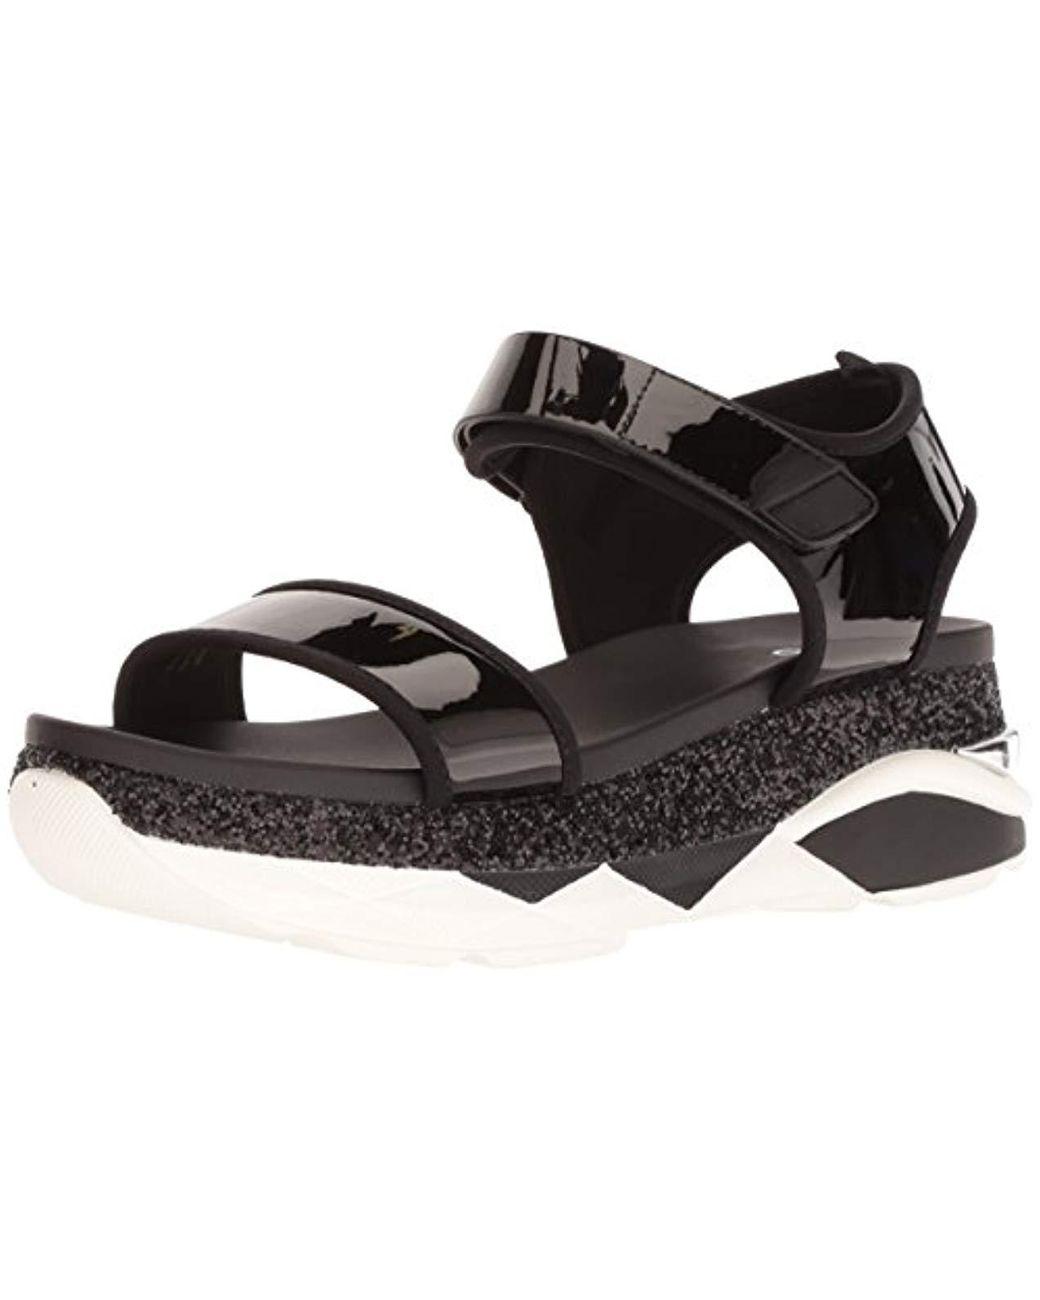 c5a709a827d Lyst - ALDO Zarella. Sport Sandal in Black